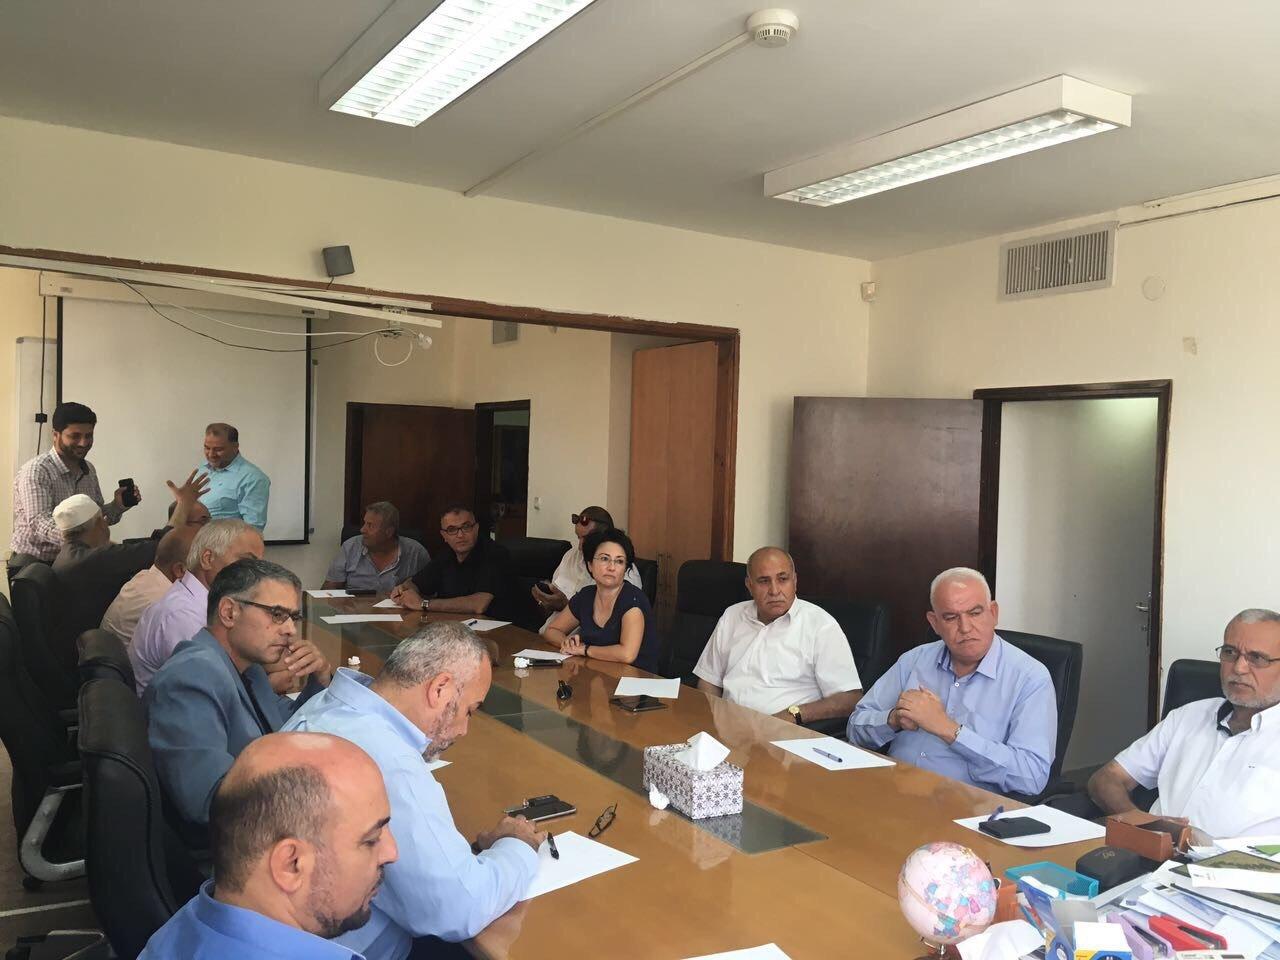 كفر قاسم: لجنة المتابعة تجتمع قبل بدء المظاهرة القطرية عصر اليوم